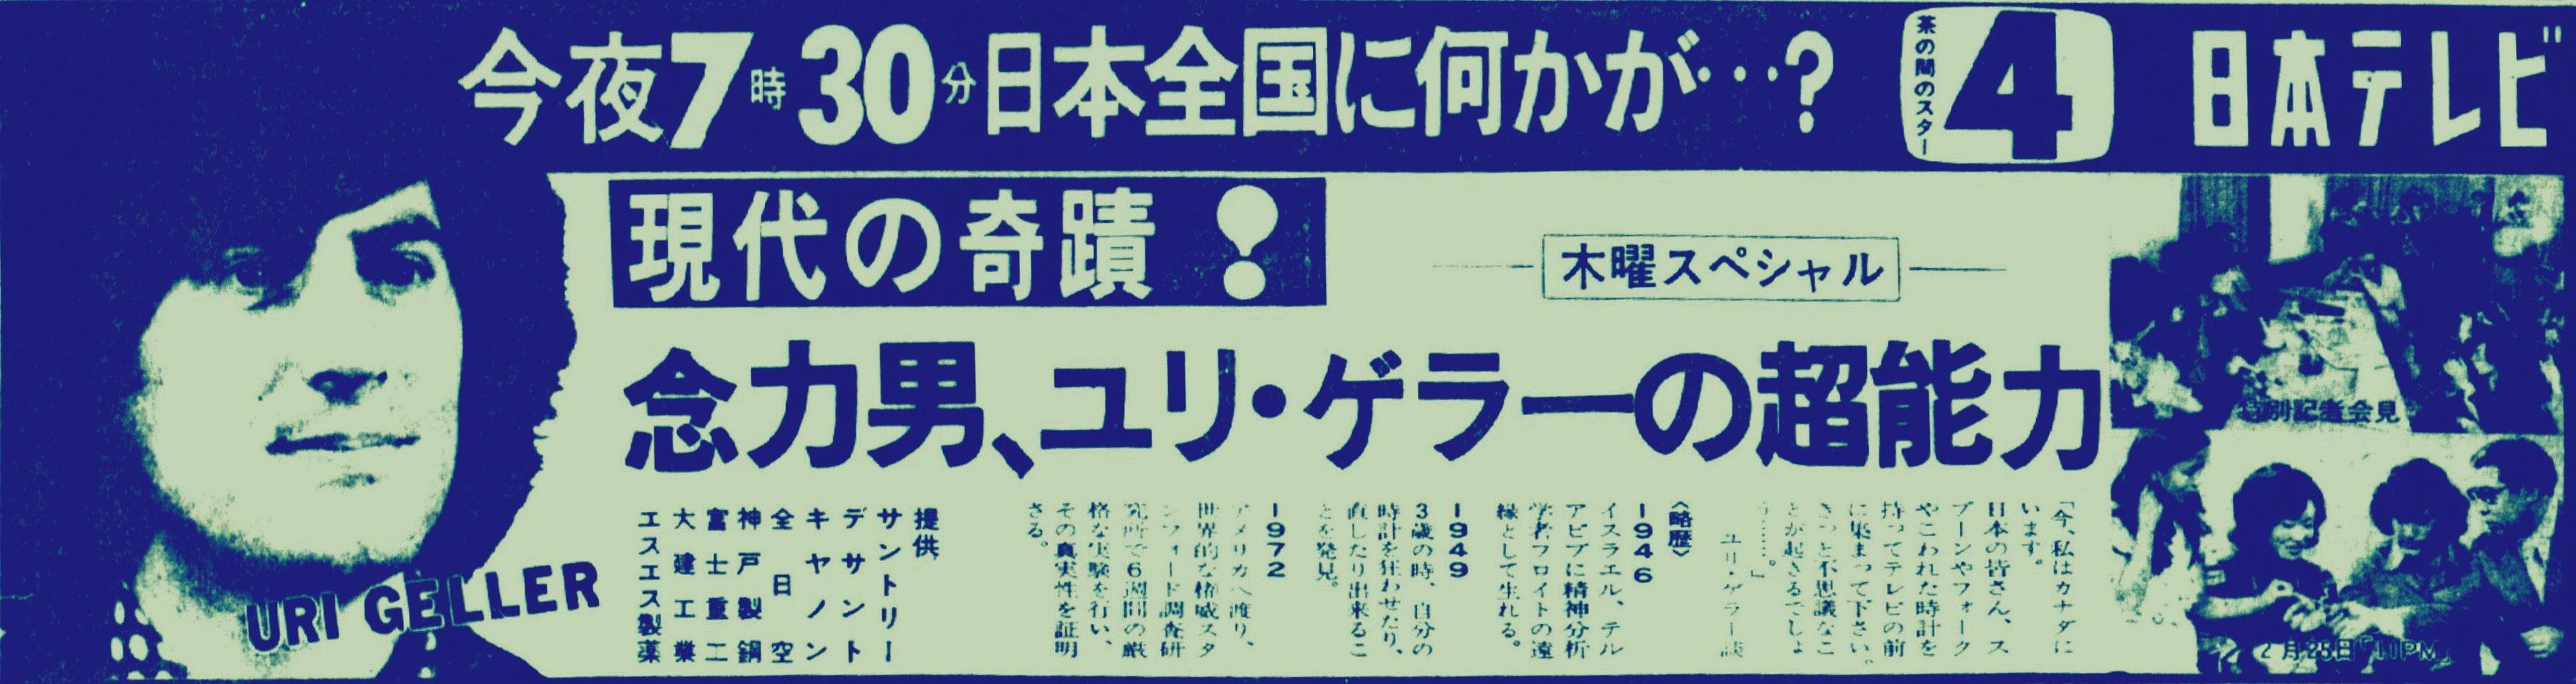 番宣広告シリーズ~木曜スペシャルのユリ・ゲラー特集(昭和49年3月 ...